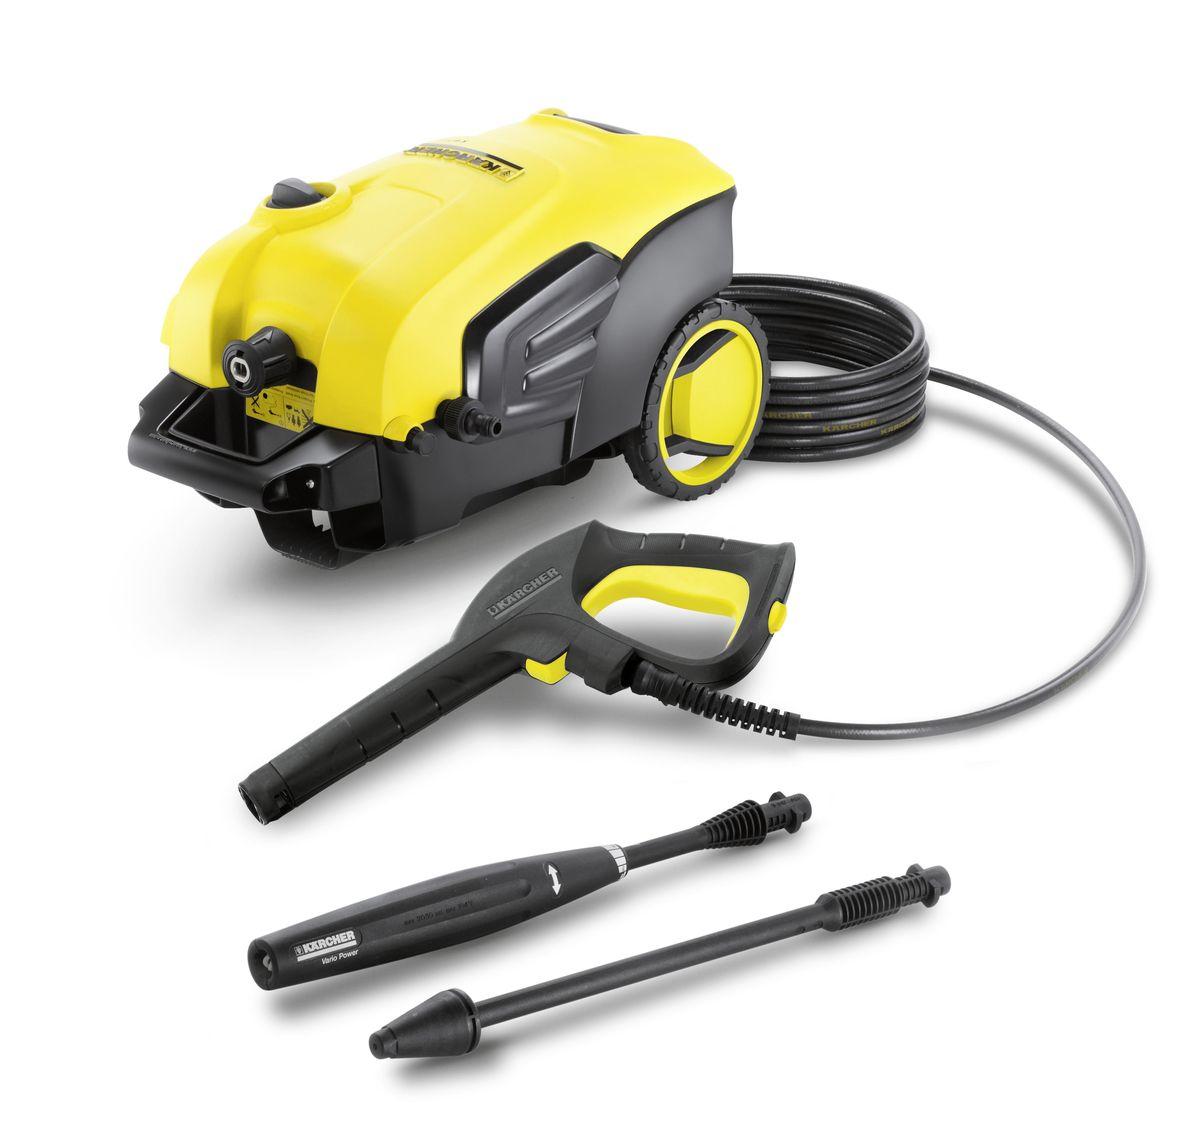 Мойка высокого давления Karcher K 5 Compact, цвет: желтый, черный1.630-720.0Мойка высокого давления Karcher K 5 Compact подходит для эффективной очистки умеренно загрязненных автомобилей, велосипедов и фасадов домов. Она оснащена мощным двигателем водяного охлаждения, а в комплект поставки входят пистолет с разъемом Quick Connect, 8-метровый шланг высокого давления, струйная трубка Vario Power и грязевая фреза. Водяной фильтр надежно защищает насос двигателя от повреждения. Шланг высокого давления быстро и легко присоединяется к мойке и отсоединяется от нее, что экономит время и силы. Большие колеса и эргономичная ручка, устанавливаемая на оптимальной высоте, облегчают перемещение. Мойка высокого давления оснащена встроенной системой всасывания чистящего средства. Практичная система забора воды позволяет снабжать мойку водой из альтернативных источников, например из бочки или цистерны. Удобные и надежные аппараты высокого давления серии Сompact имеют две ручки для транспортировки, чтобы можно было брать минимойку...